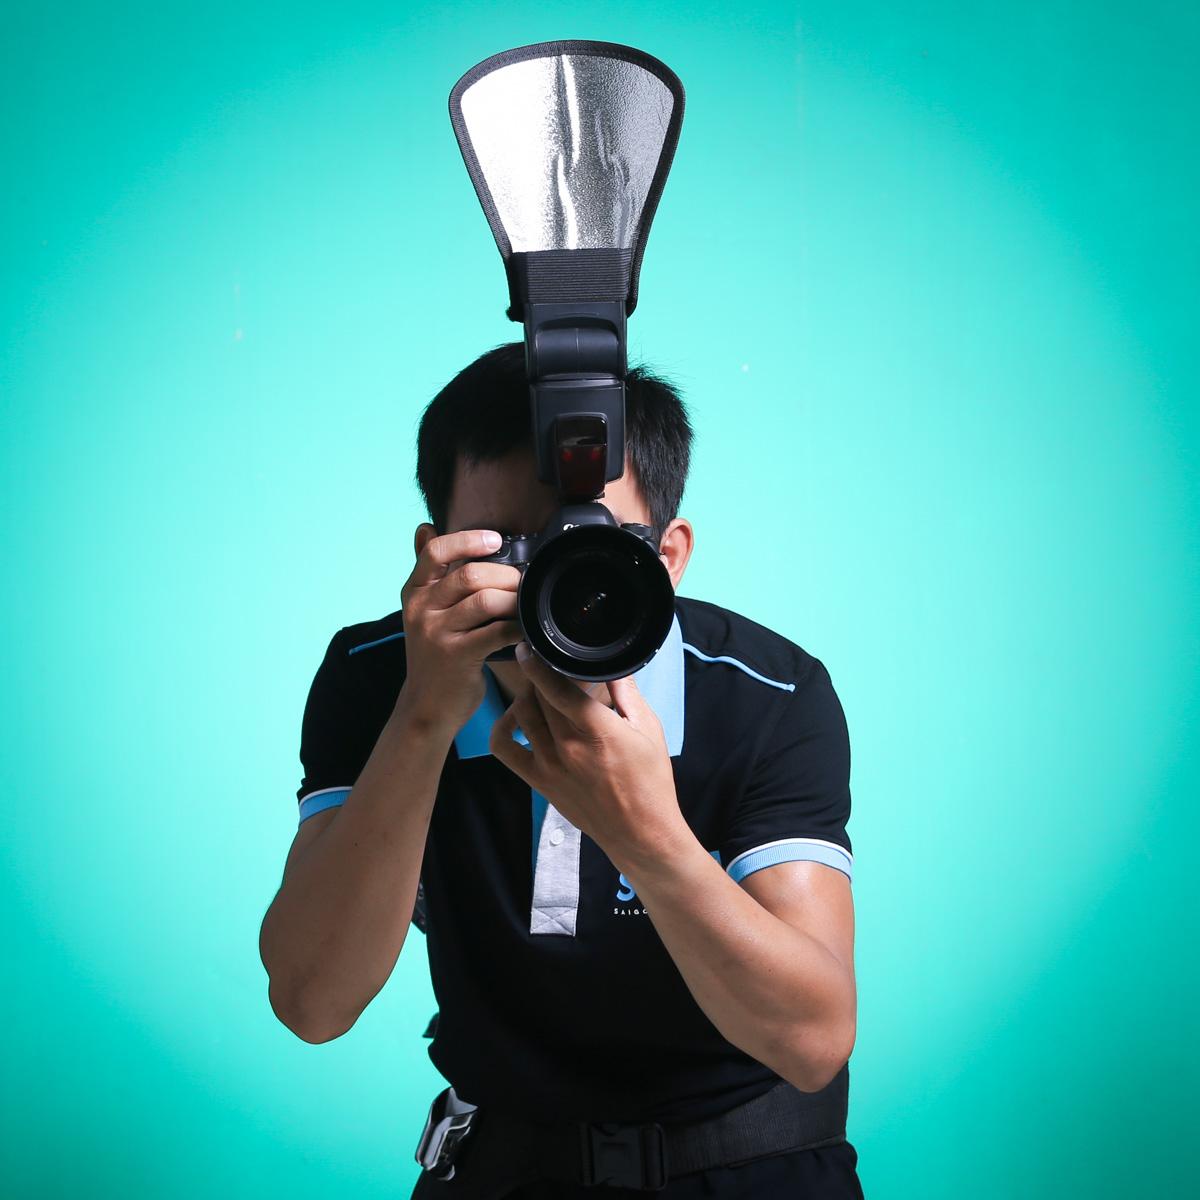 Dịch vụ tốt! Cung cấp thợ chụp hình sự kiện chuyên nghiệp!